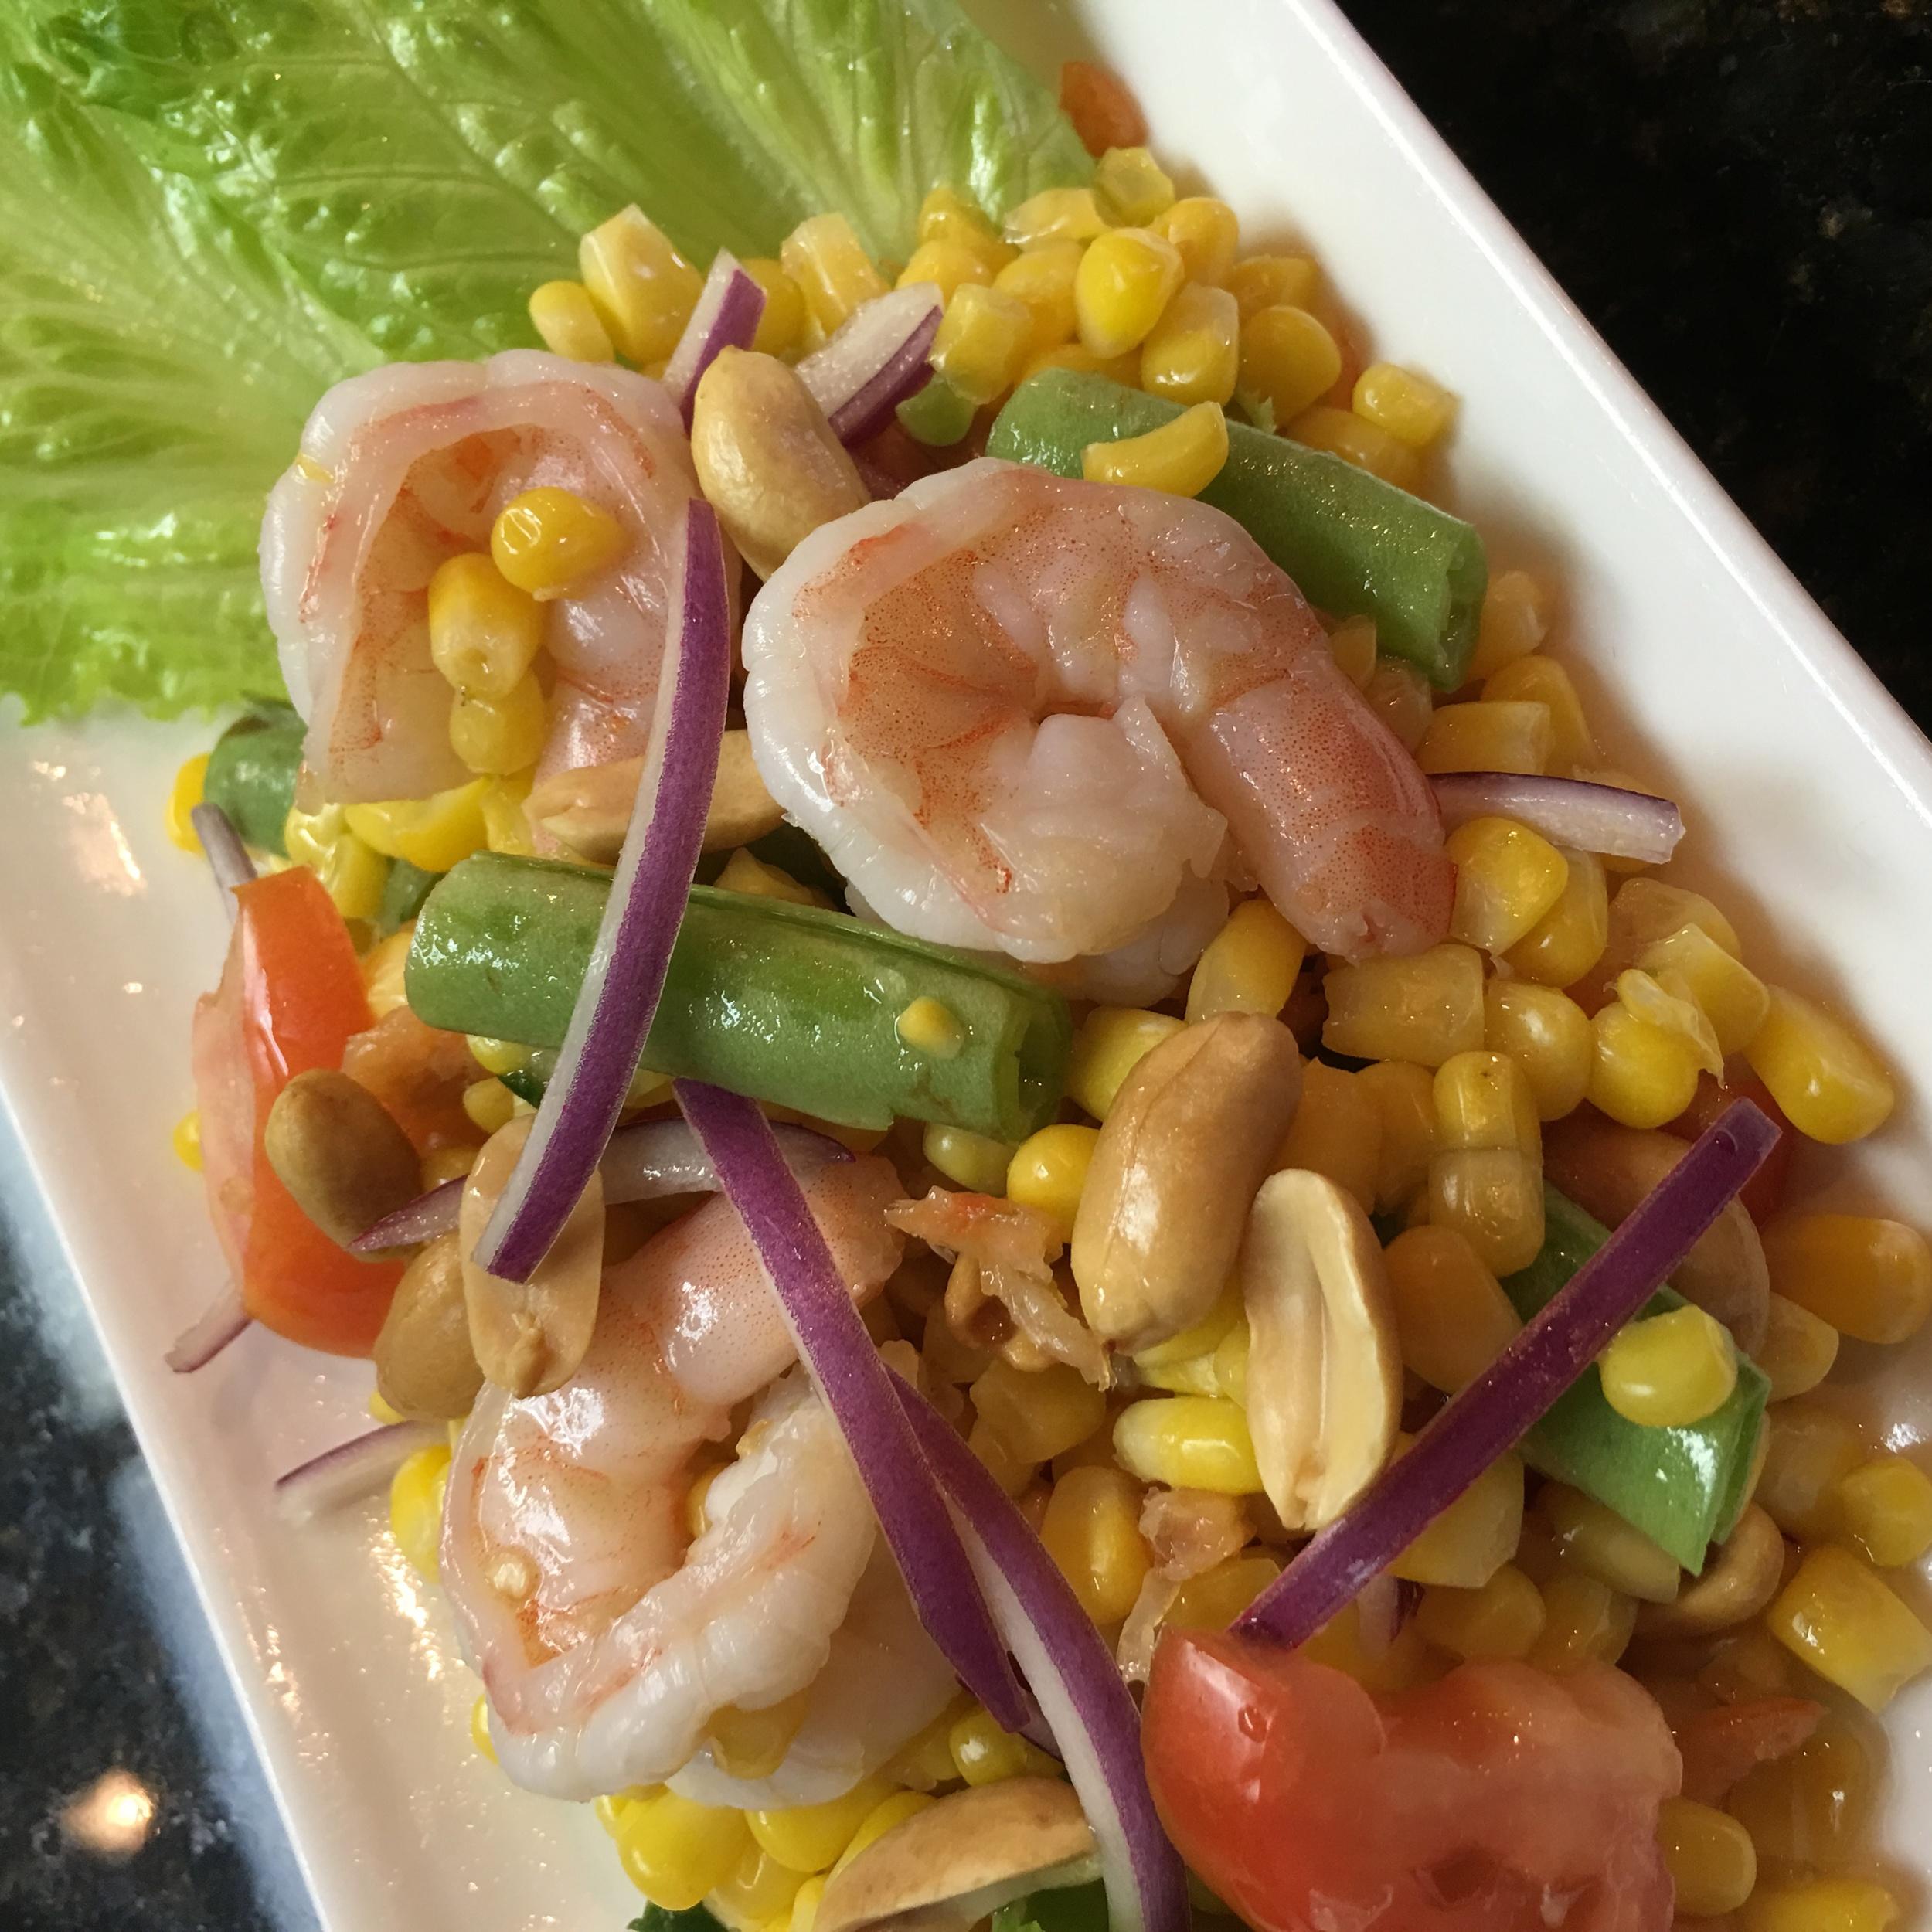 Shrimp + Corn Salad